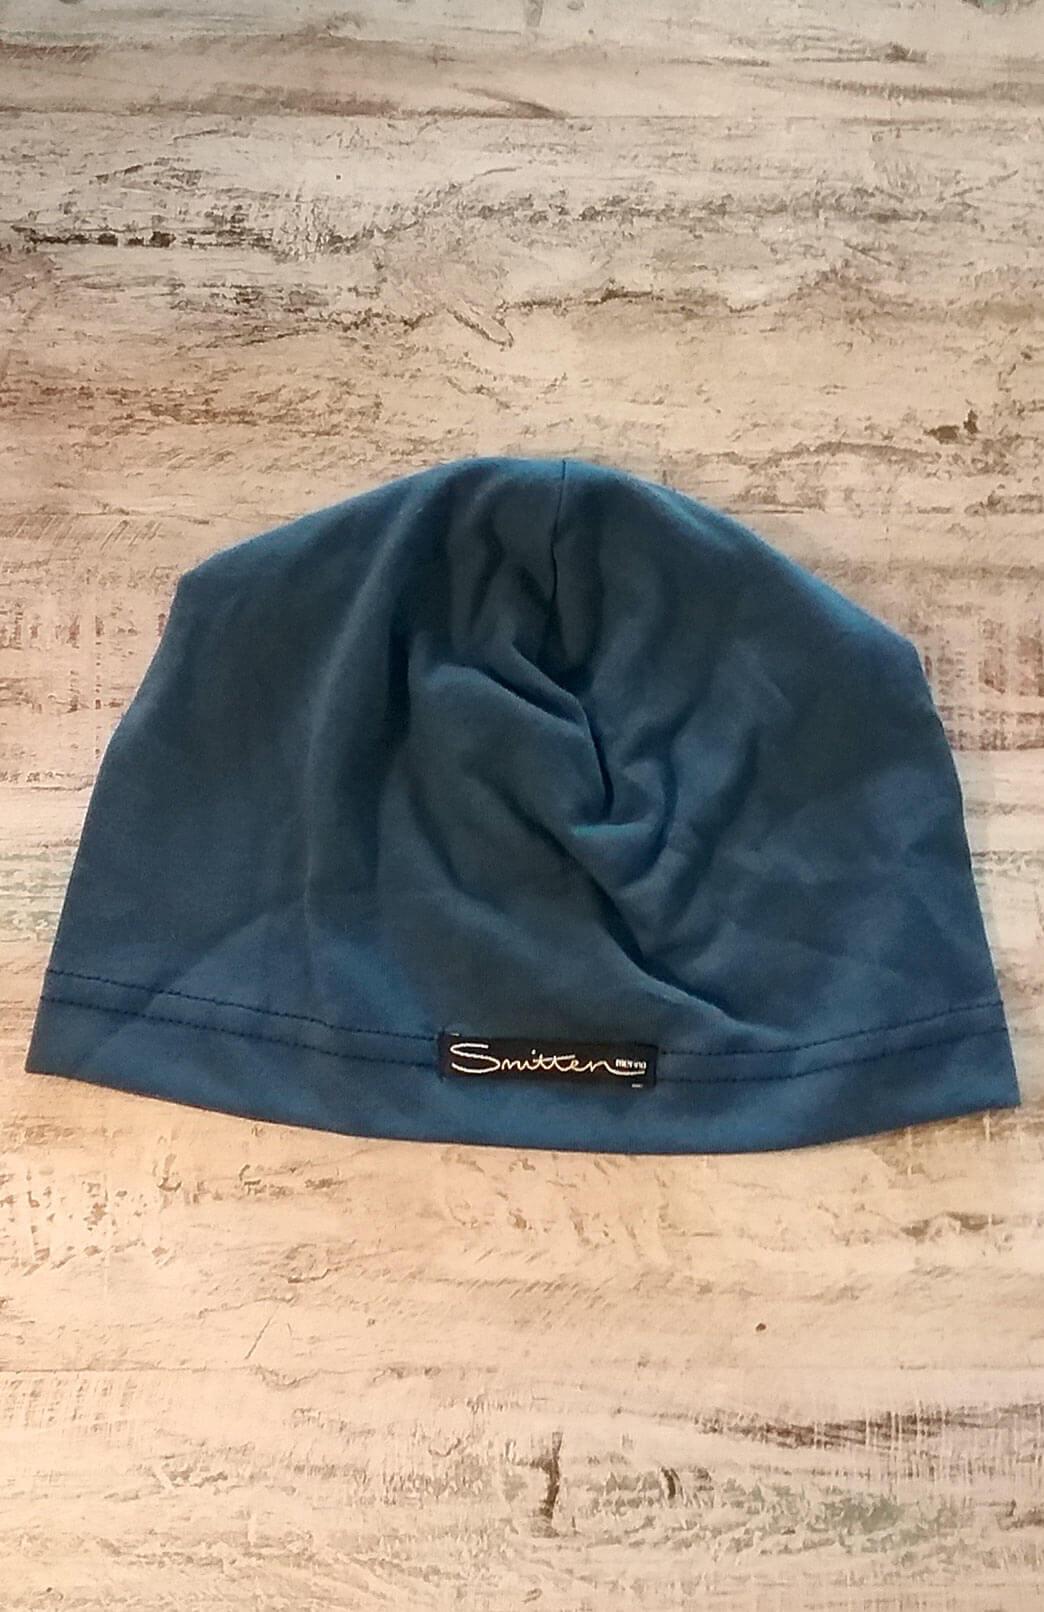 Lightweight Beanie - Lightweight Superfine Activewear and Fashion Beanie - Organic Cotton - Smitten Merino Tasmania Australia